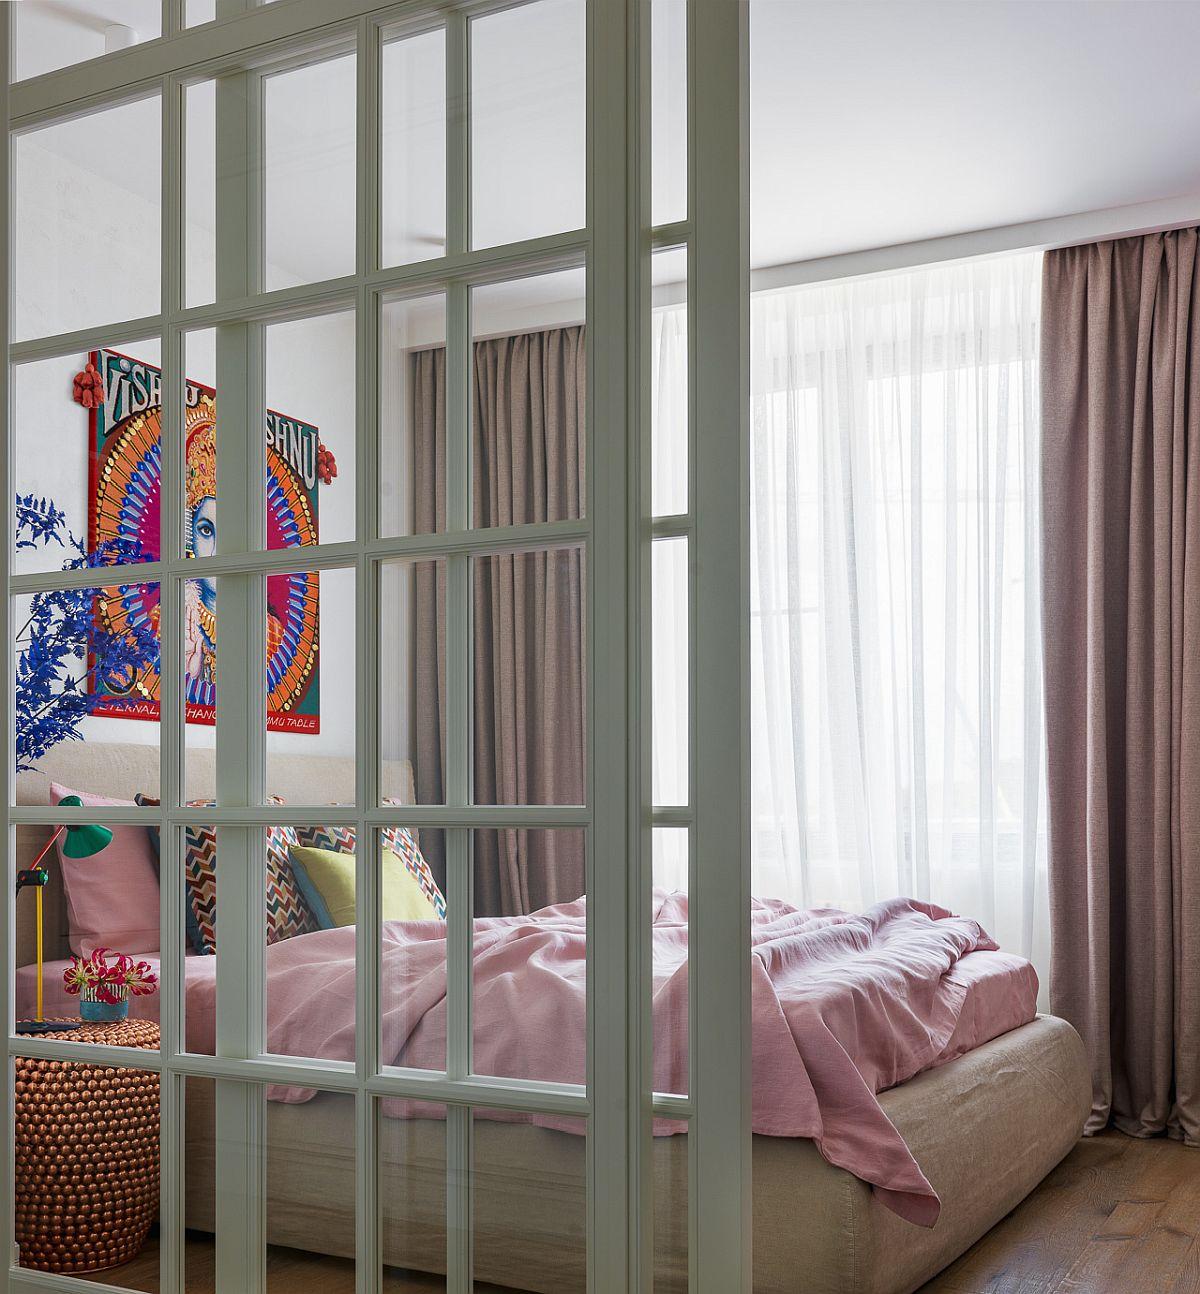 Între dressing și dormitor există o separare cu ușă culisantă cu panouri din sticlă, toată tâmplăria fiind realizată pe comandă. Spațiul dormitorului este destinat exclusiv odihnei și este mobilat doar cu un pat confortabil.